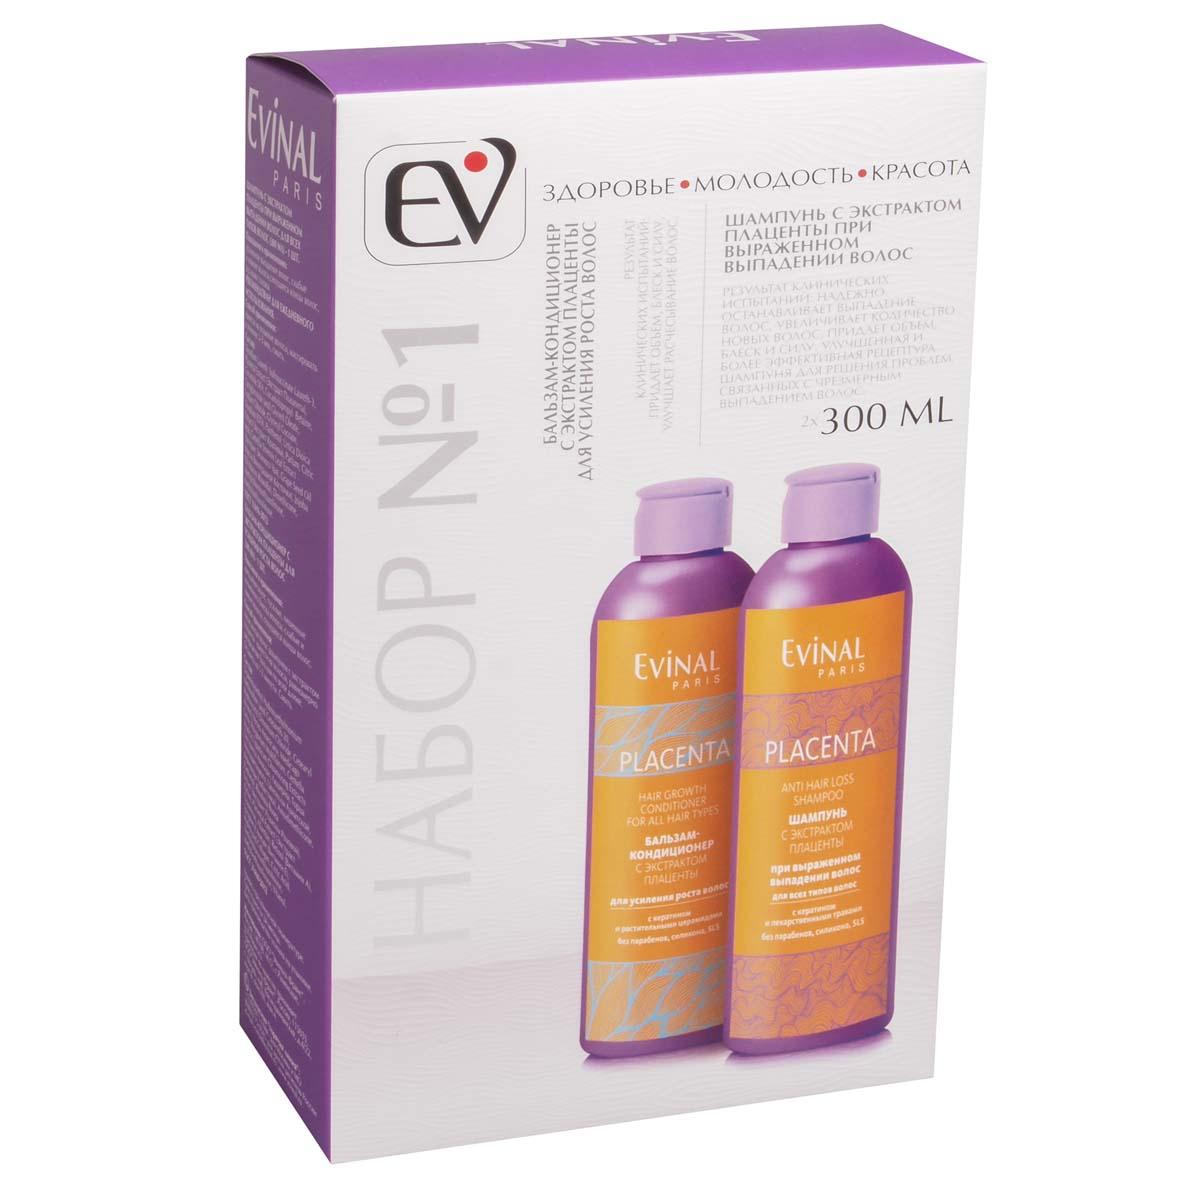 Подарочный набор Evinal №1: Шампунь с экстрактом плаценты при выраженном выпадении волос для всех типов волос, 300мл.+ Бальзам-кондиционер с экстрактом плаценты для усиления роста, 300мл.0162Подарочный набор №1 (Шампунь с экстрактом плаценты при выраженном выпадении волос для всех типов волос 300мл.+Бальзам-кондиционер с экстрактом плаценты для усиления роста 300мл. ) в коробке. Состоит из: шампуня с экстрактом плаценты при выраженном выпадении волос для всех типов волос и бальзама-кондиционера с экстрактом плаценты для усиления роста волос. ШАМПУНЬ С ЭКСТРАКТОМ ПЛАЦЕНТЫ ПРИ ВЫРАЖЕННОМ ВЫПАДЕНИИ ВОЛОС. ДЛЯ ВСЕХ ТИПОВ ВОЛОС -Улучшенная и более эффективная рецептура шампуня для решения проблем, связанных с чрезмерным выпадением волос. Показания к применению: выраженное выпадение волос, медленный рост волос, слабые и ломкие волосы, секущиеся концы волос. Результат клинических испытаний: надежно останавливает выпадение волос, увеличивает количество новых растущих волос, придает объем блеск и силу Рекомендован для ежедневного использования. КОНДИЦИОНЕР С ЭКСТРАКТОМ ПЛАЦЕНТЫ ДЛЯ УСИЛЕНИЯ РОСТА ВОЛОС-Показания к применению: усиленное выпадение волос, тусклые лишенные жизненного блеска волосы, слабые и ломкие волосы, секущиеся концы. Результат клинических испытаний: Надежно останавливает выпадение волос, увеличивает количество новых растущих волос, придает объем, блеск и силу, улучшает расчесывание волос. Рекомендован для ежедневного использования. Максимальный эффект достигается при совместном использовании шампуня и бальзама на плаценте в течение 60 дней. Срок годности 24 месяца.